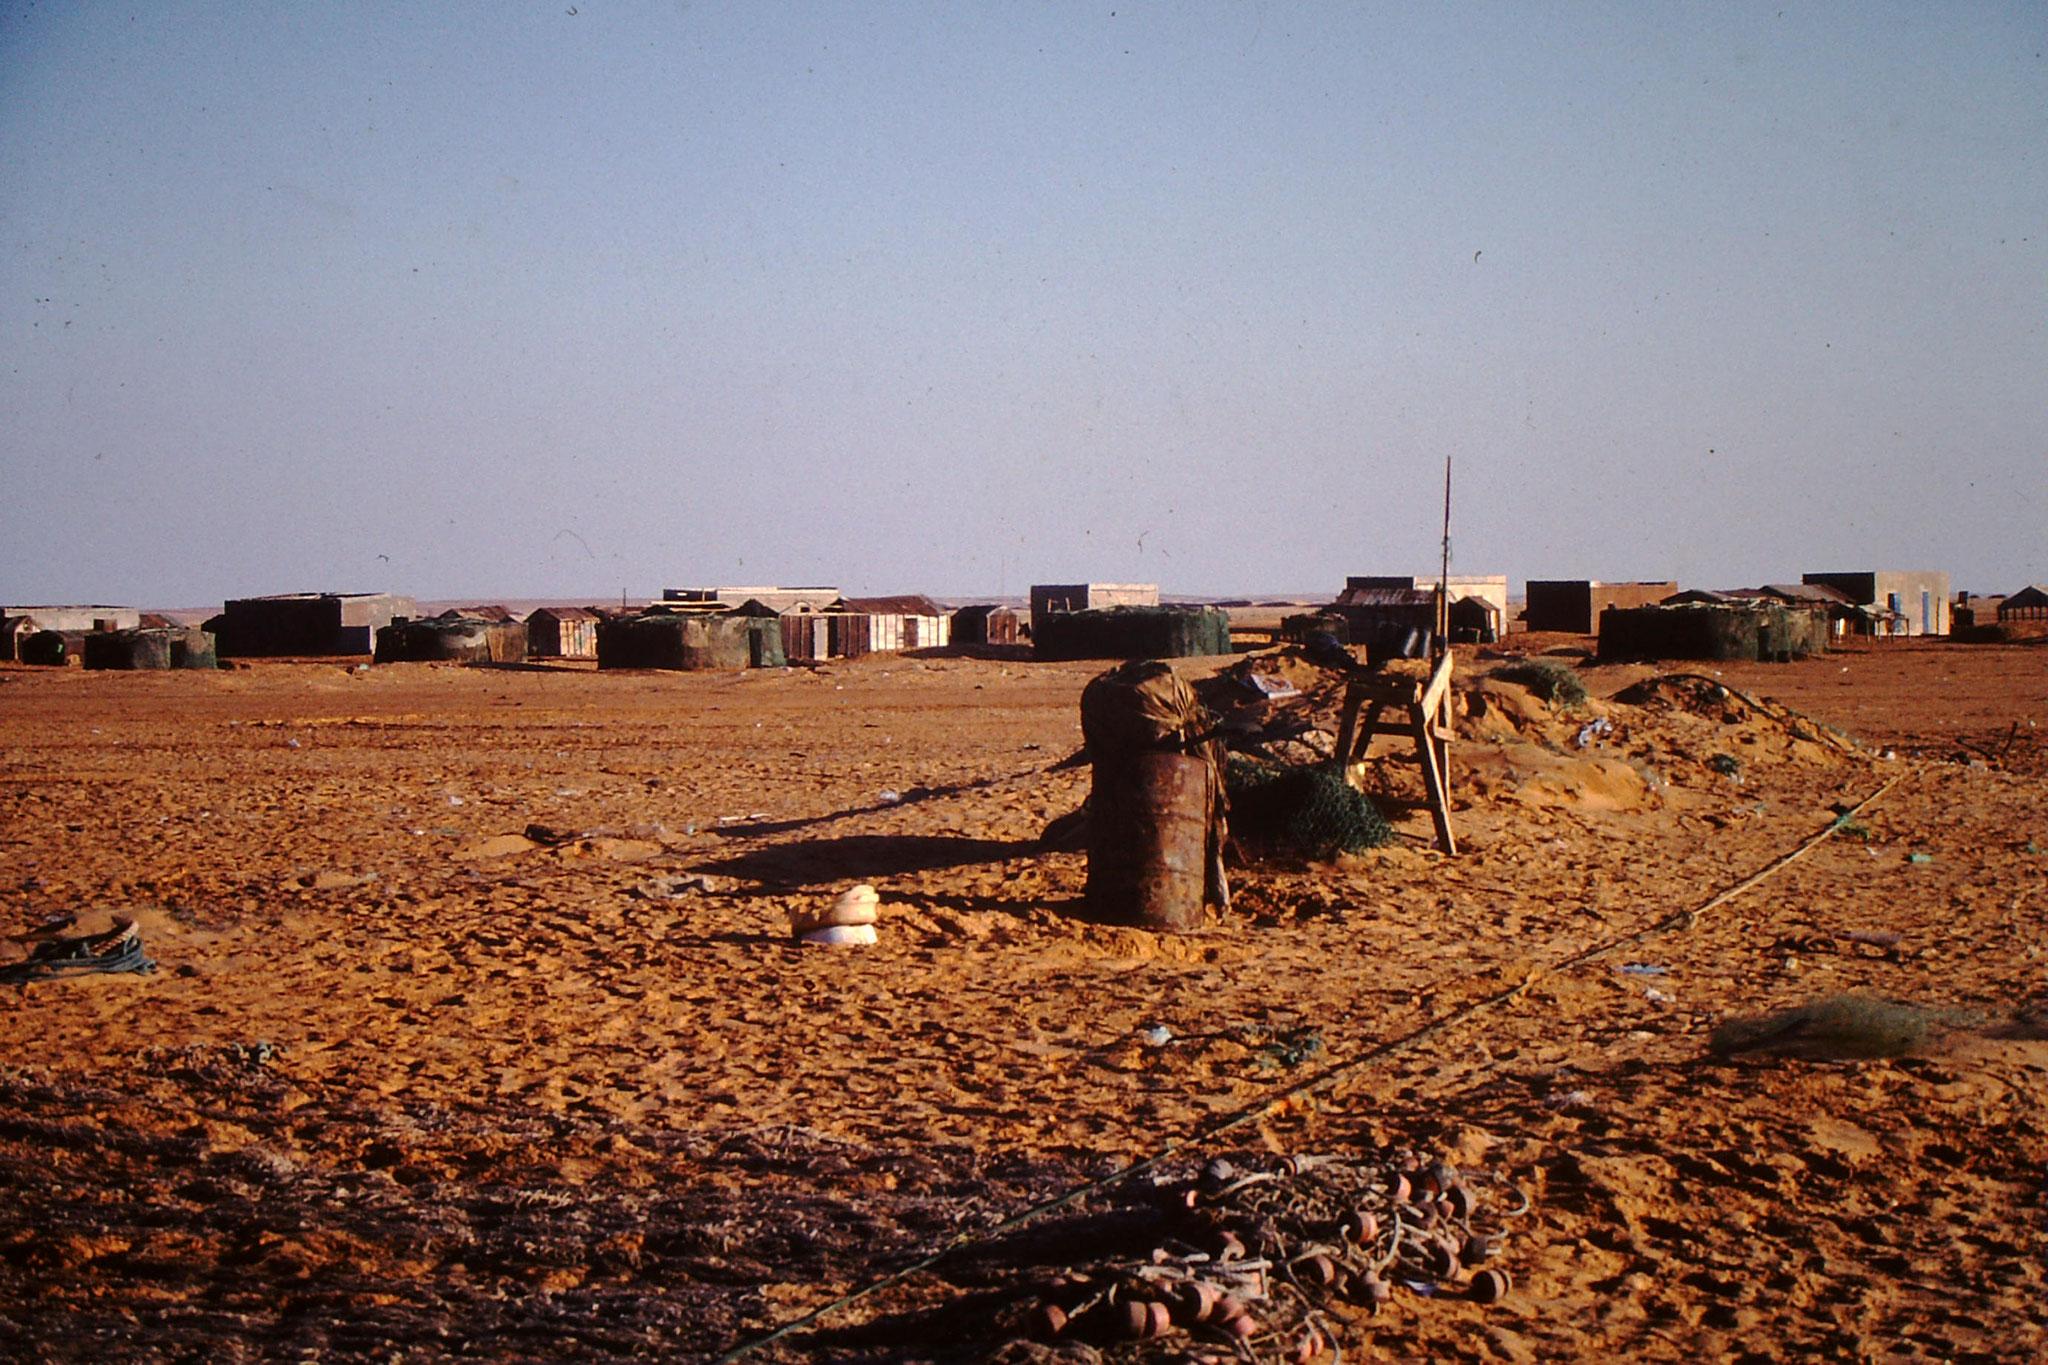 Siedlung in der Wüste.